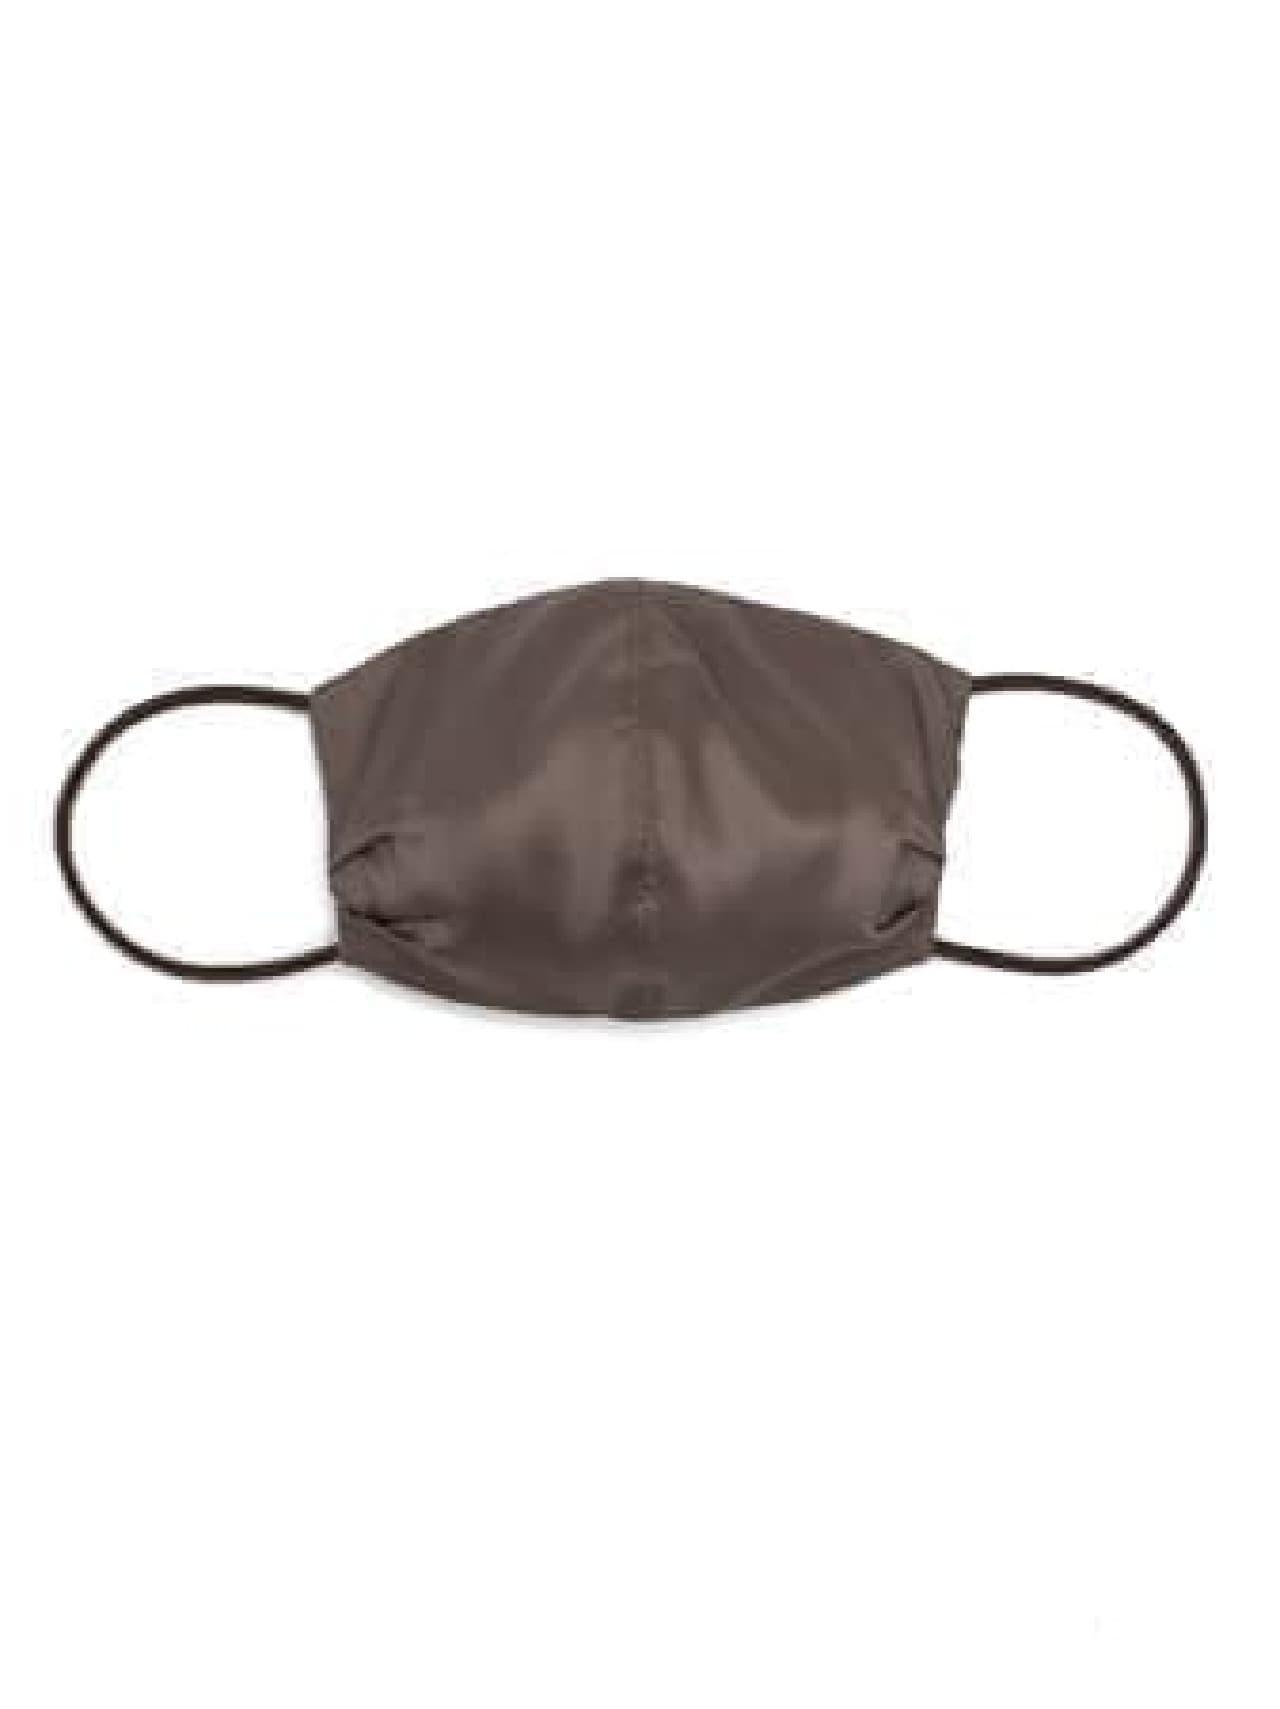 シルク100%で快適に♪ 「SNIDELオリジナルシルクマスク」が数量限定で -- 飛散を防止&美顔効果も